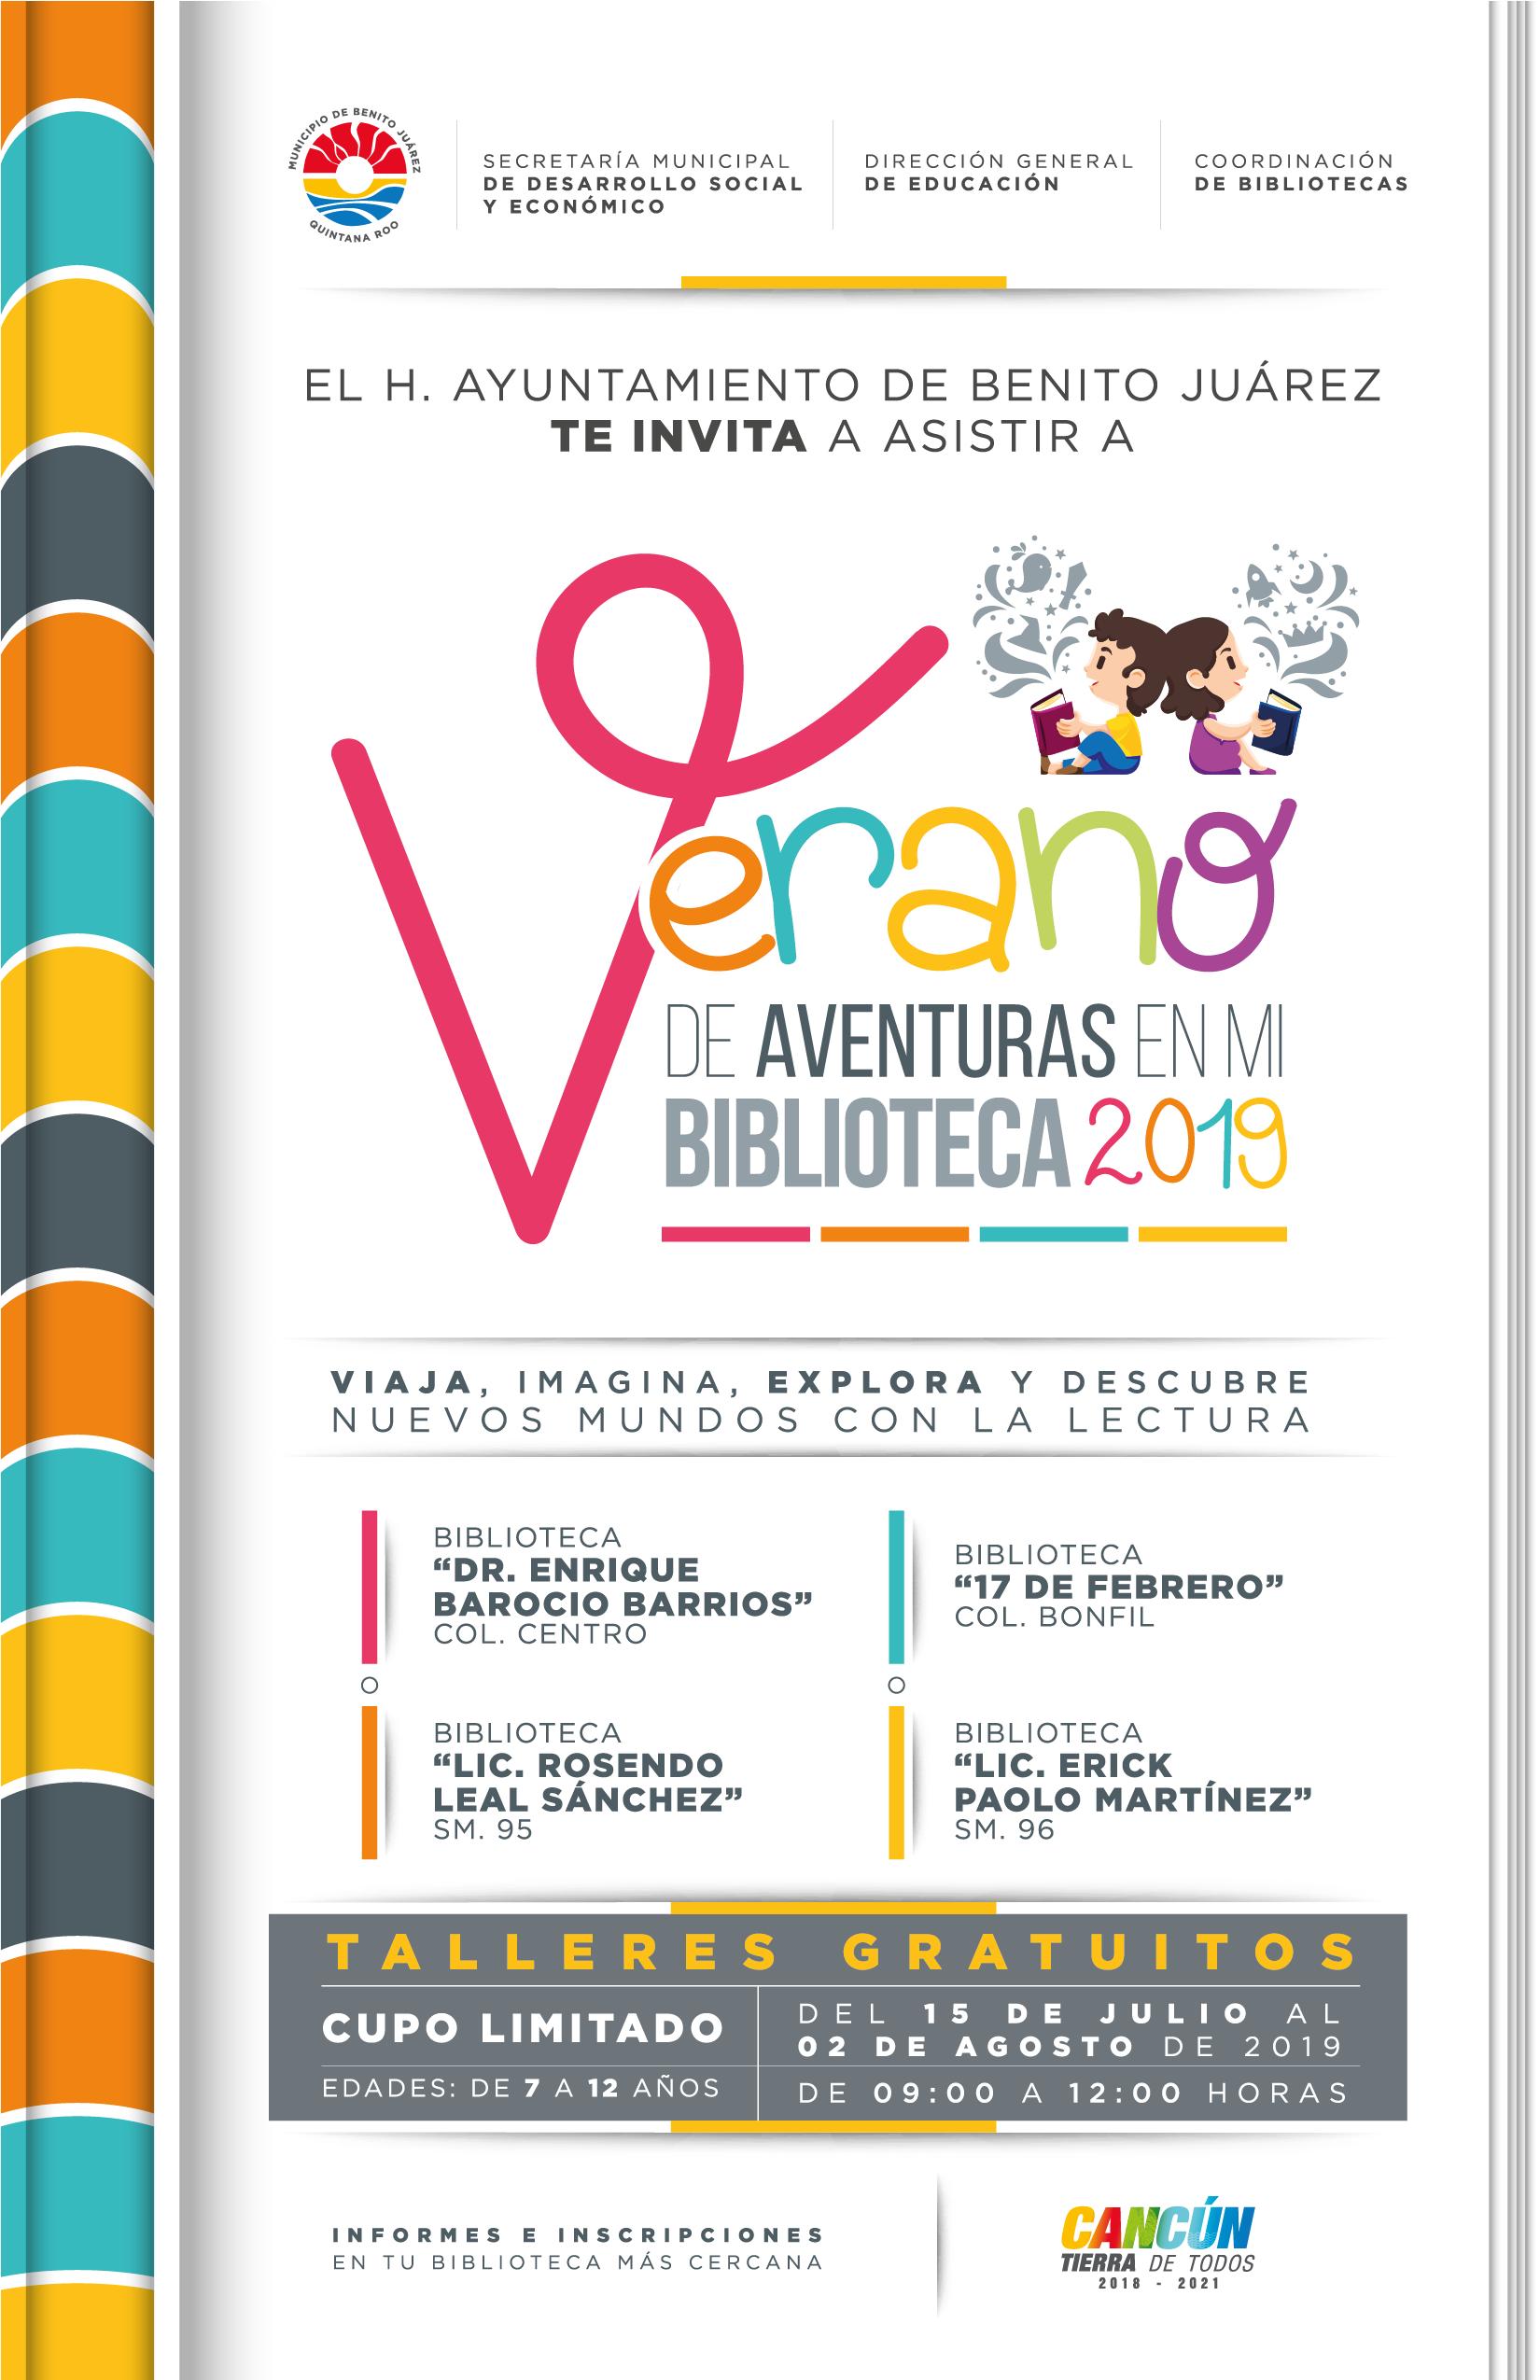 Cursos de verano en bibliotecas públicas de Benito Juárez